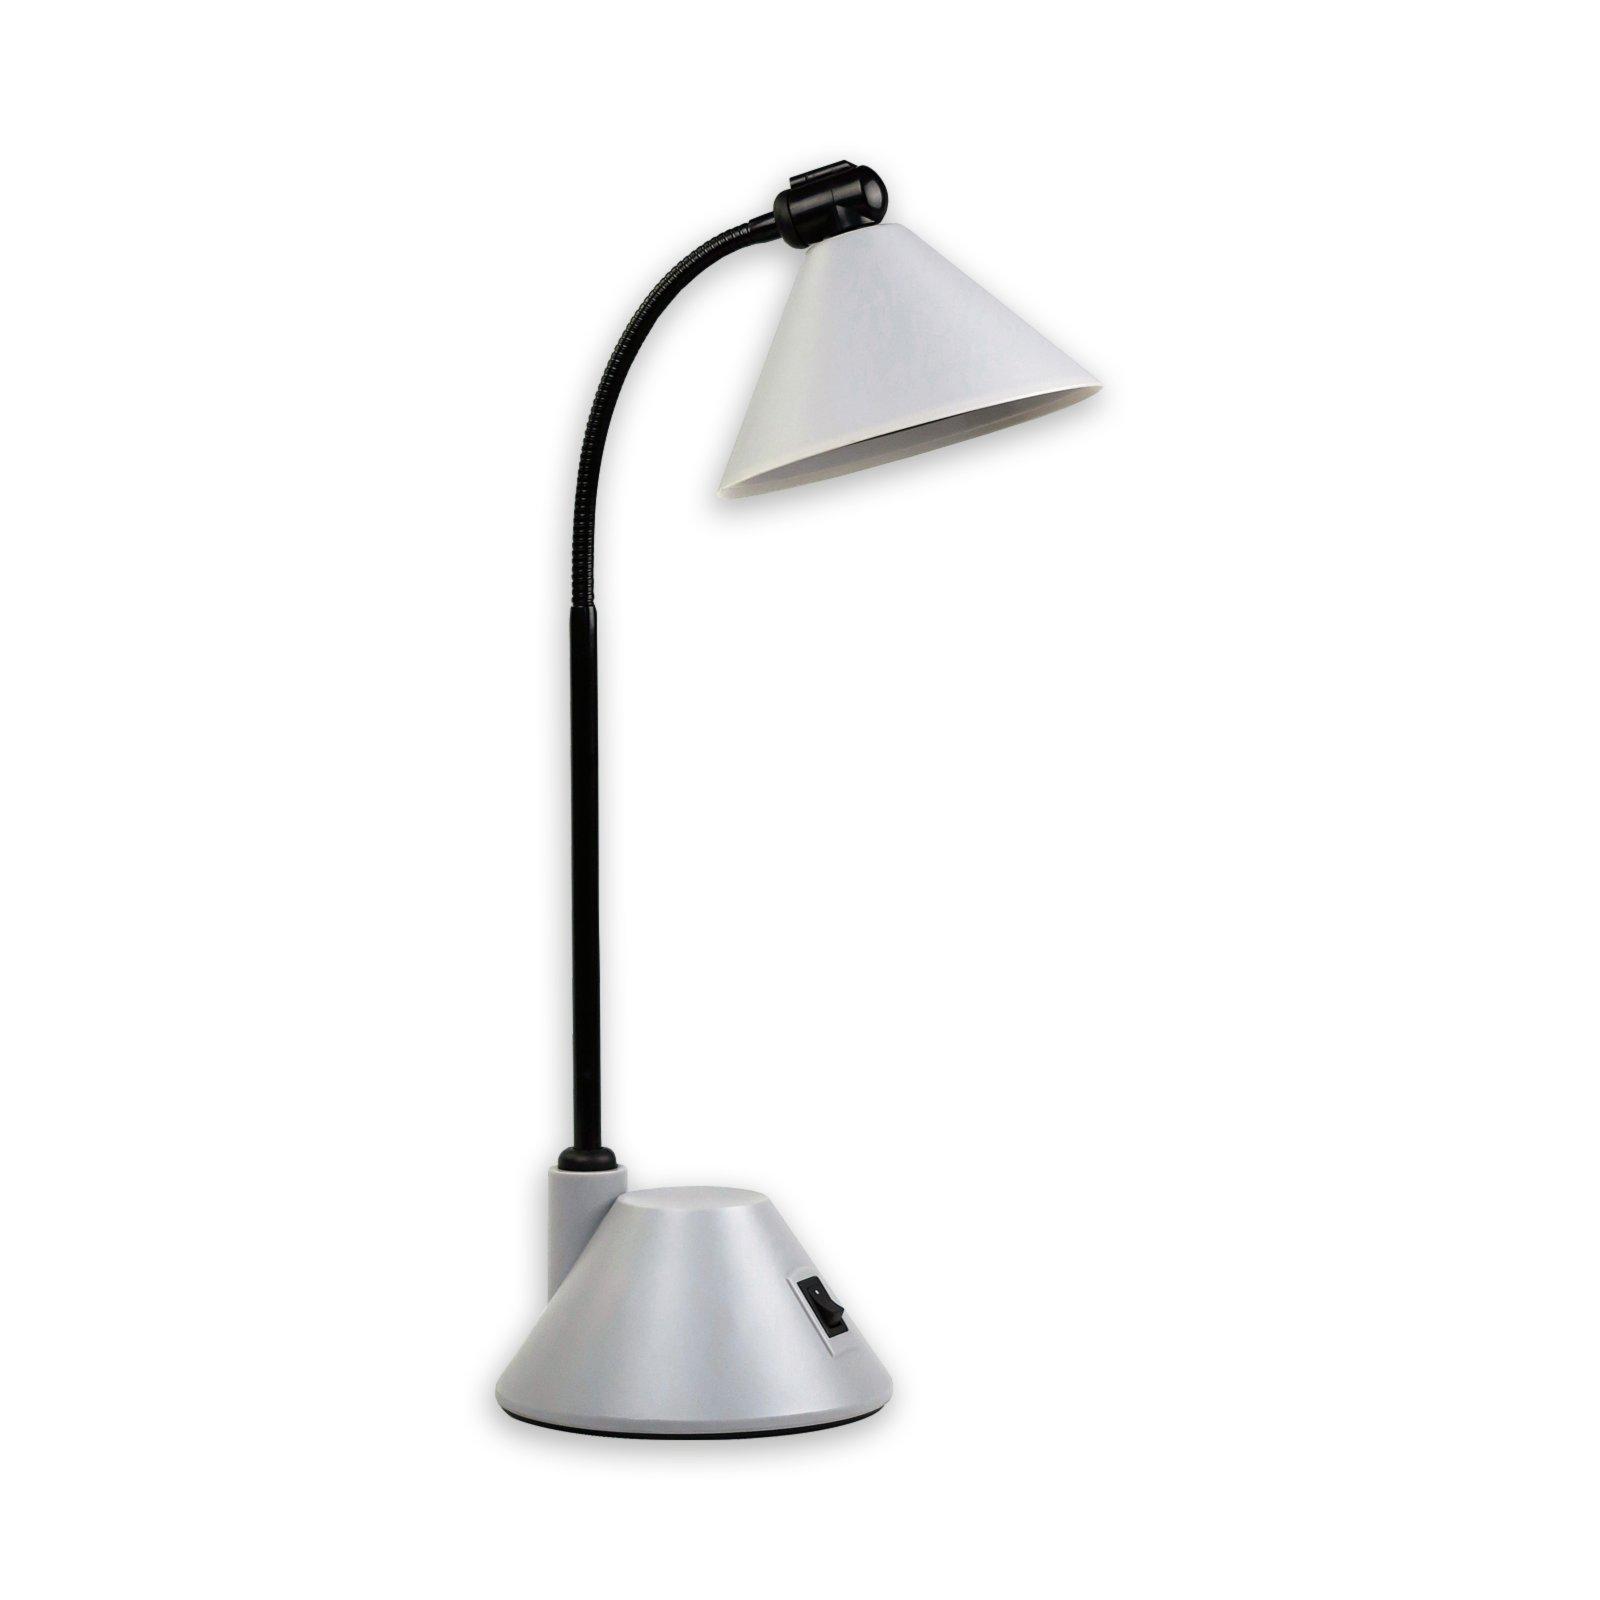 CleverPick LED-Schreibtischleuchte - grau - mit Flexarm